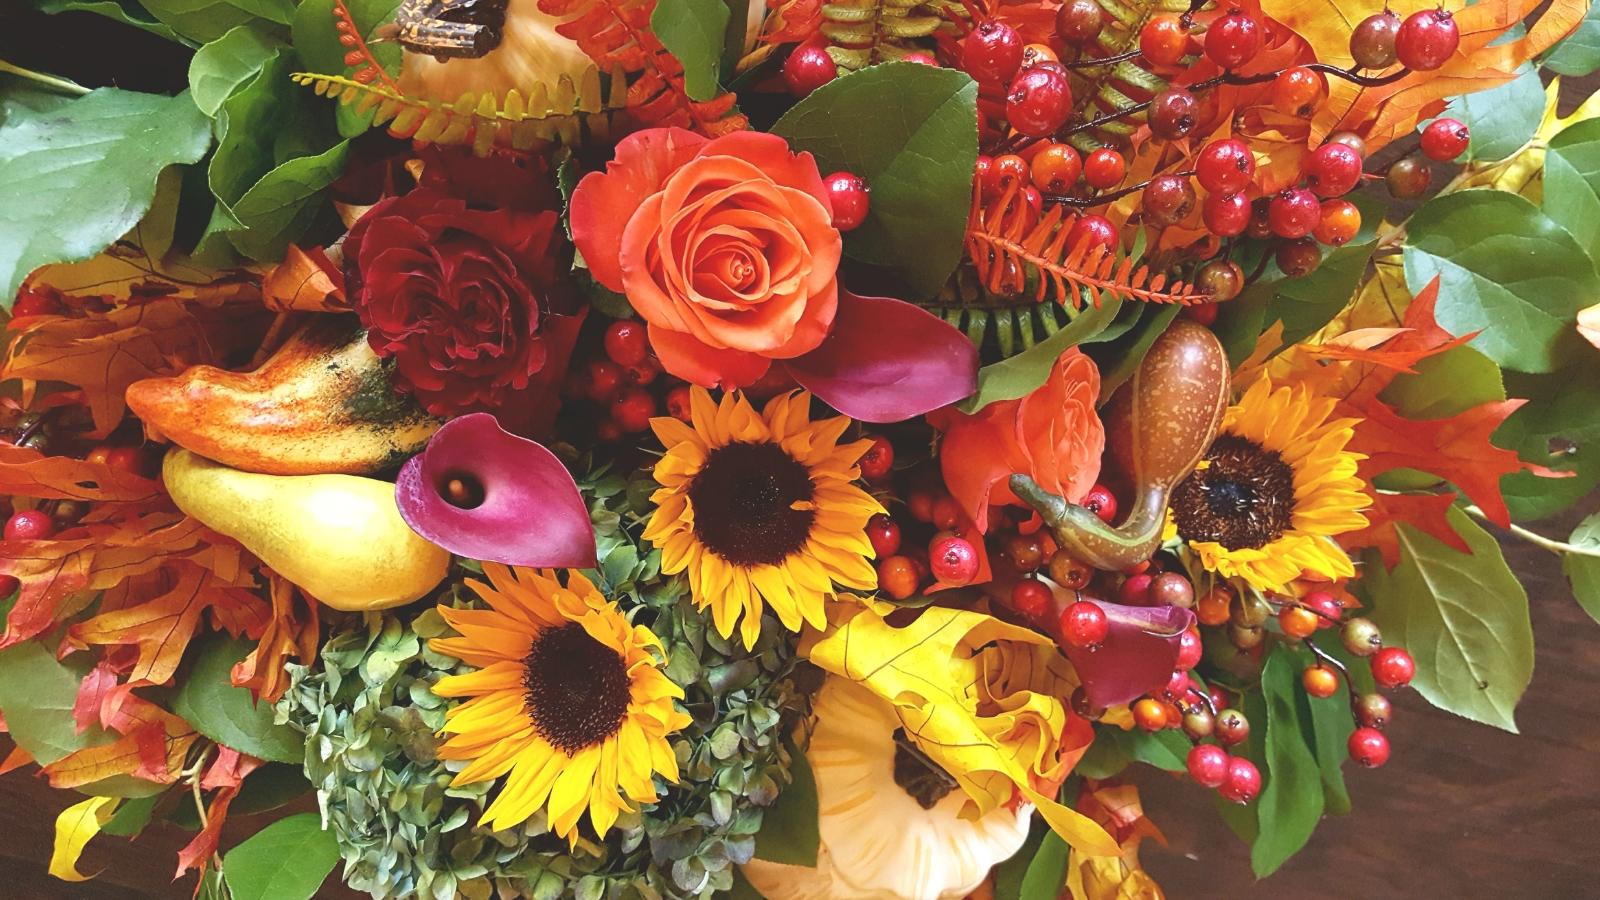 Charlottes Florist Since 1956 Midwood Flower Shop